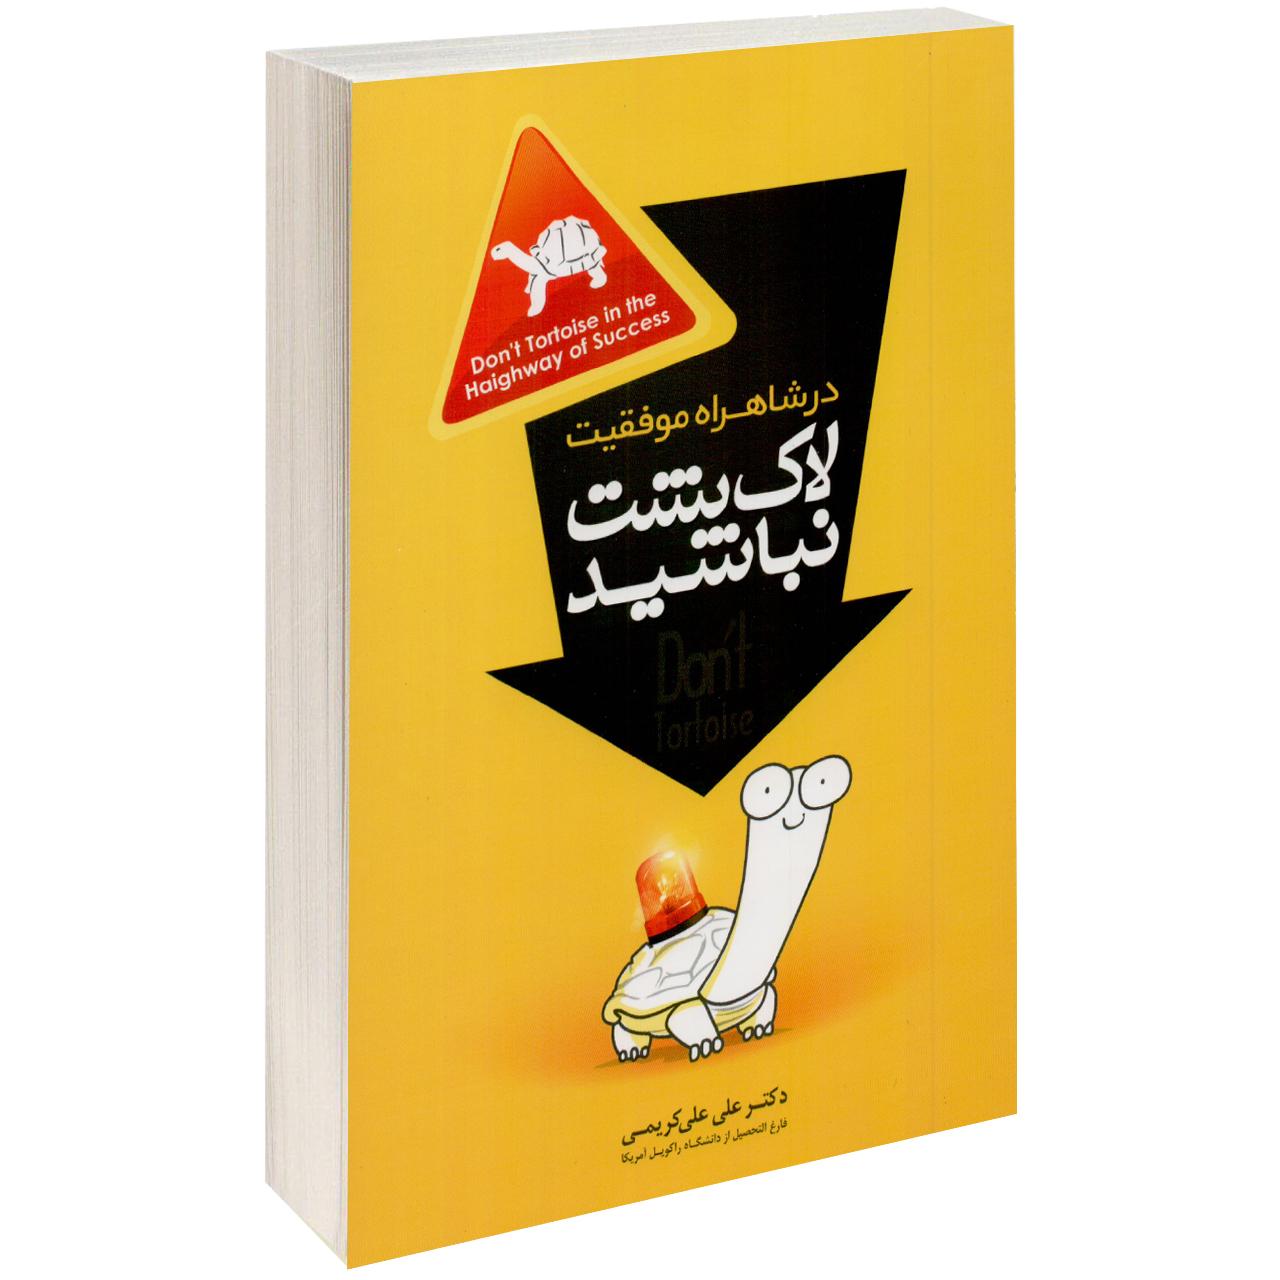 خرید                      کتاب در شاهراه موفقیت لاک پشت نباشید اثر علی علی کریمی